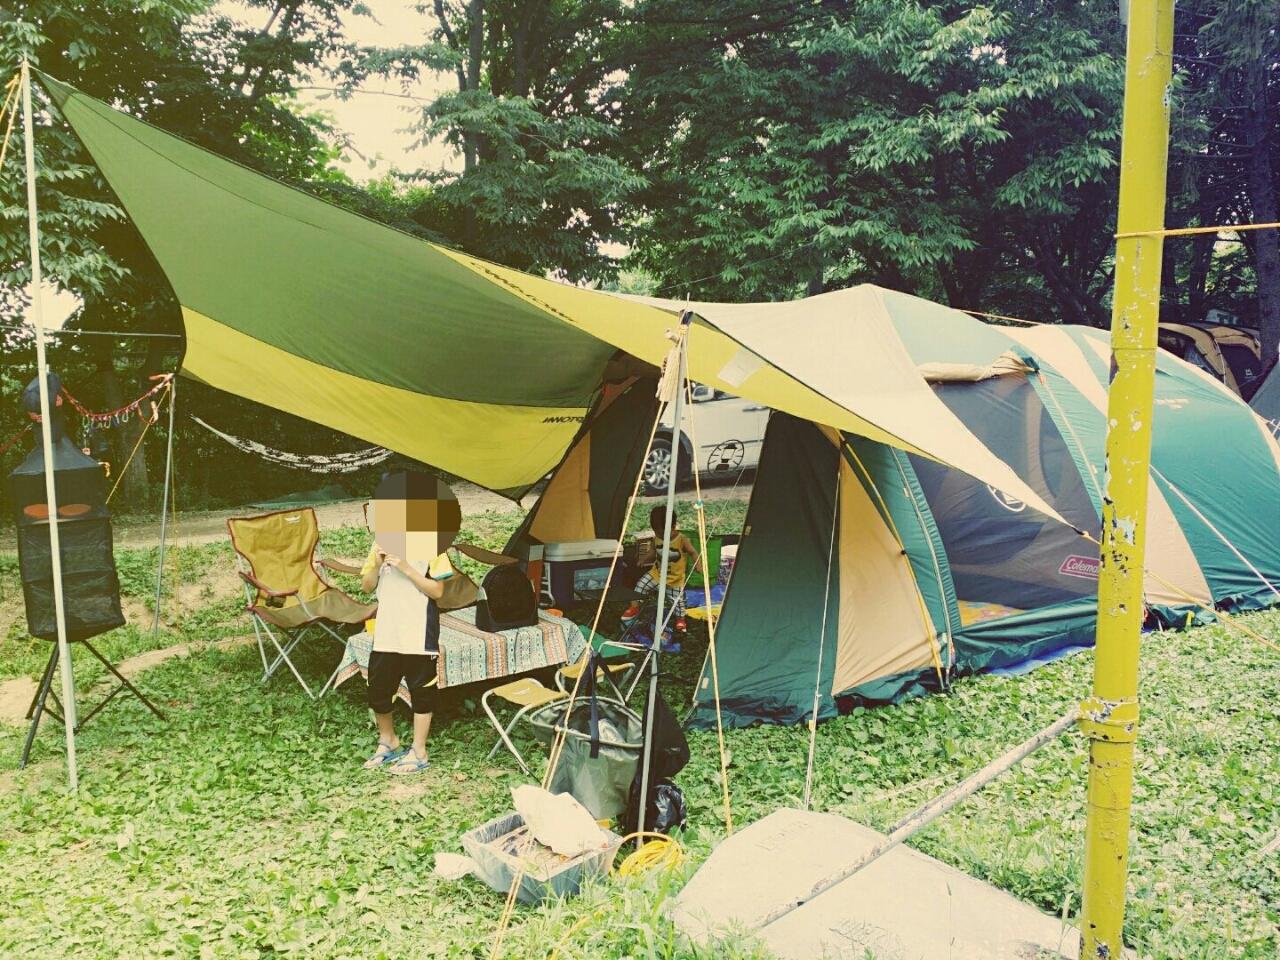 텐트타프드림